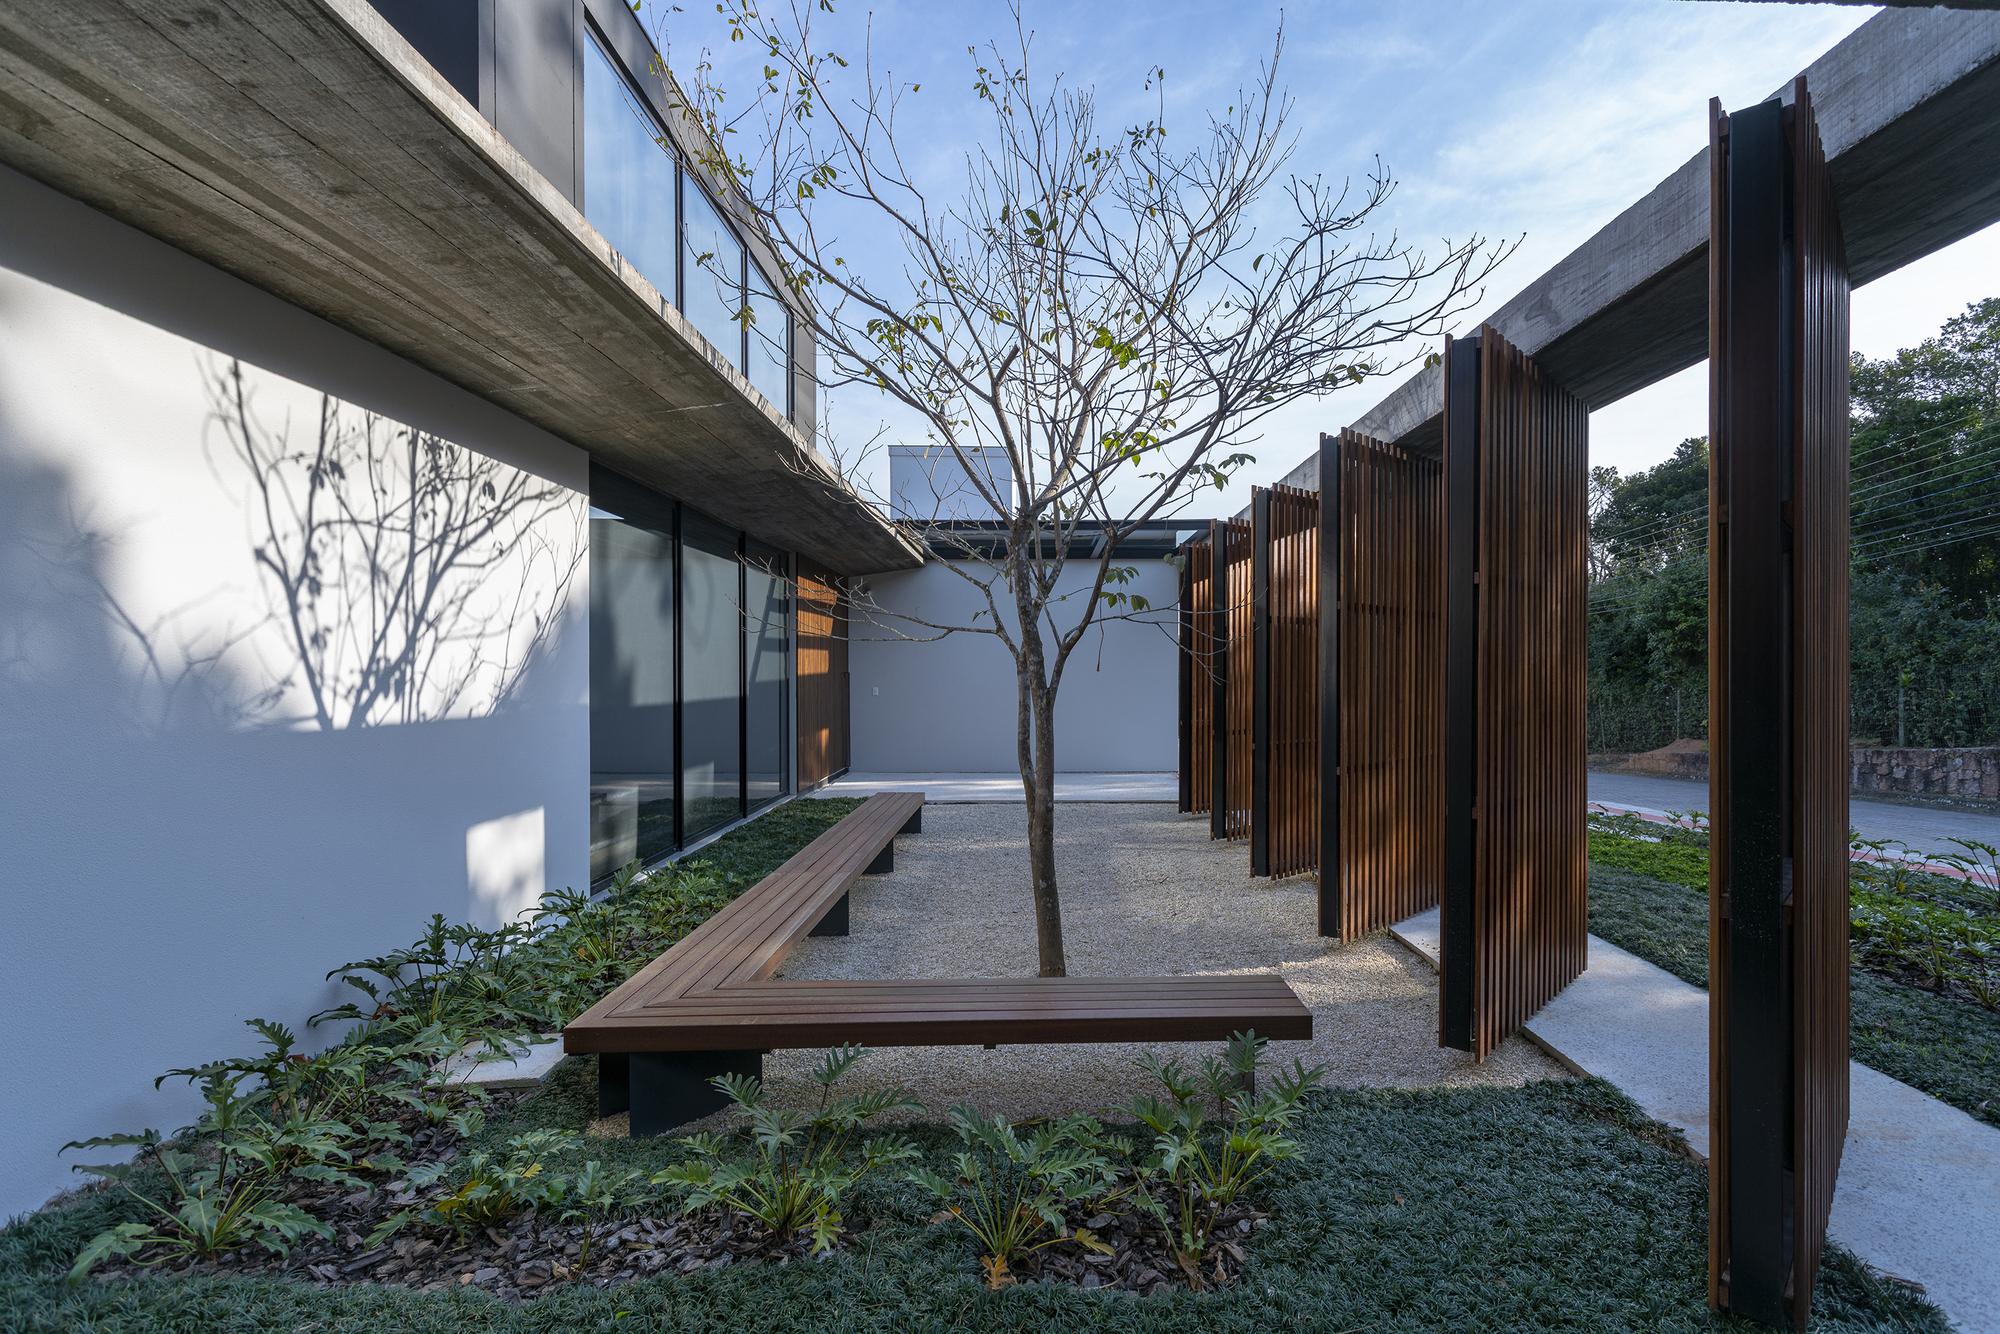 casa patio marchetti bonetti plataforma arquitectura